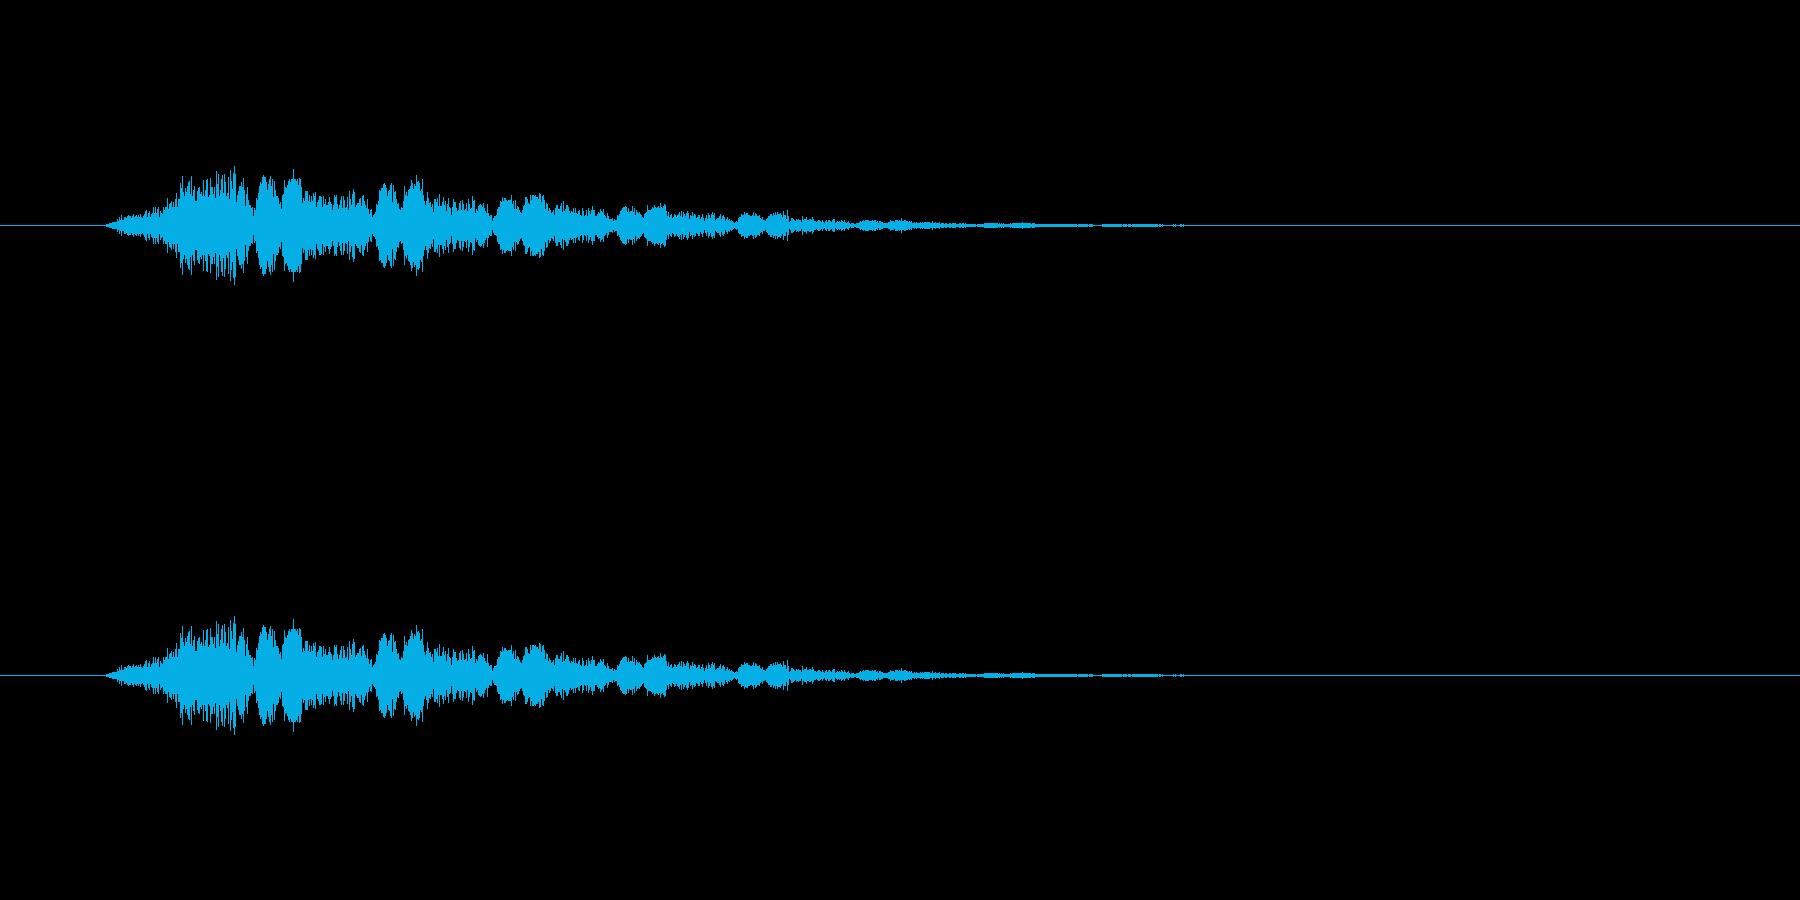 【ポップモーション40-3】の再生済みの波形